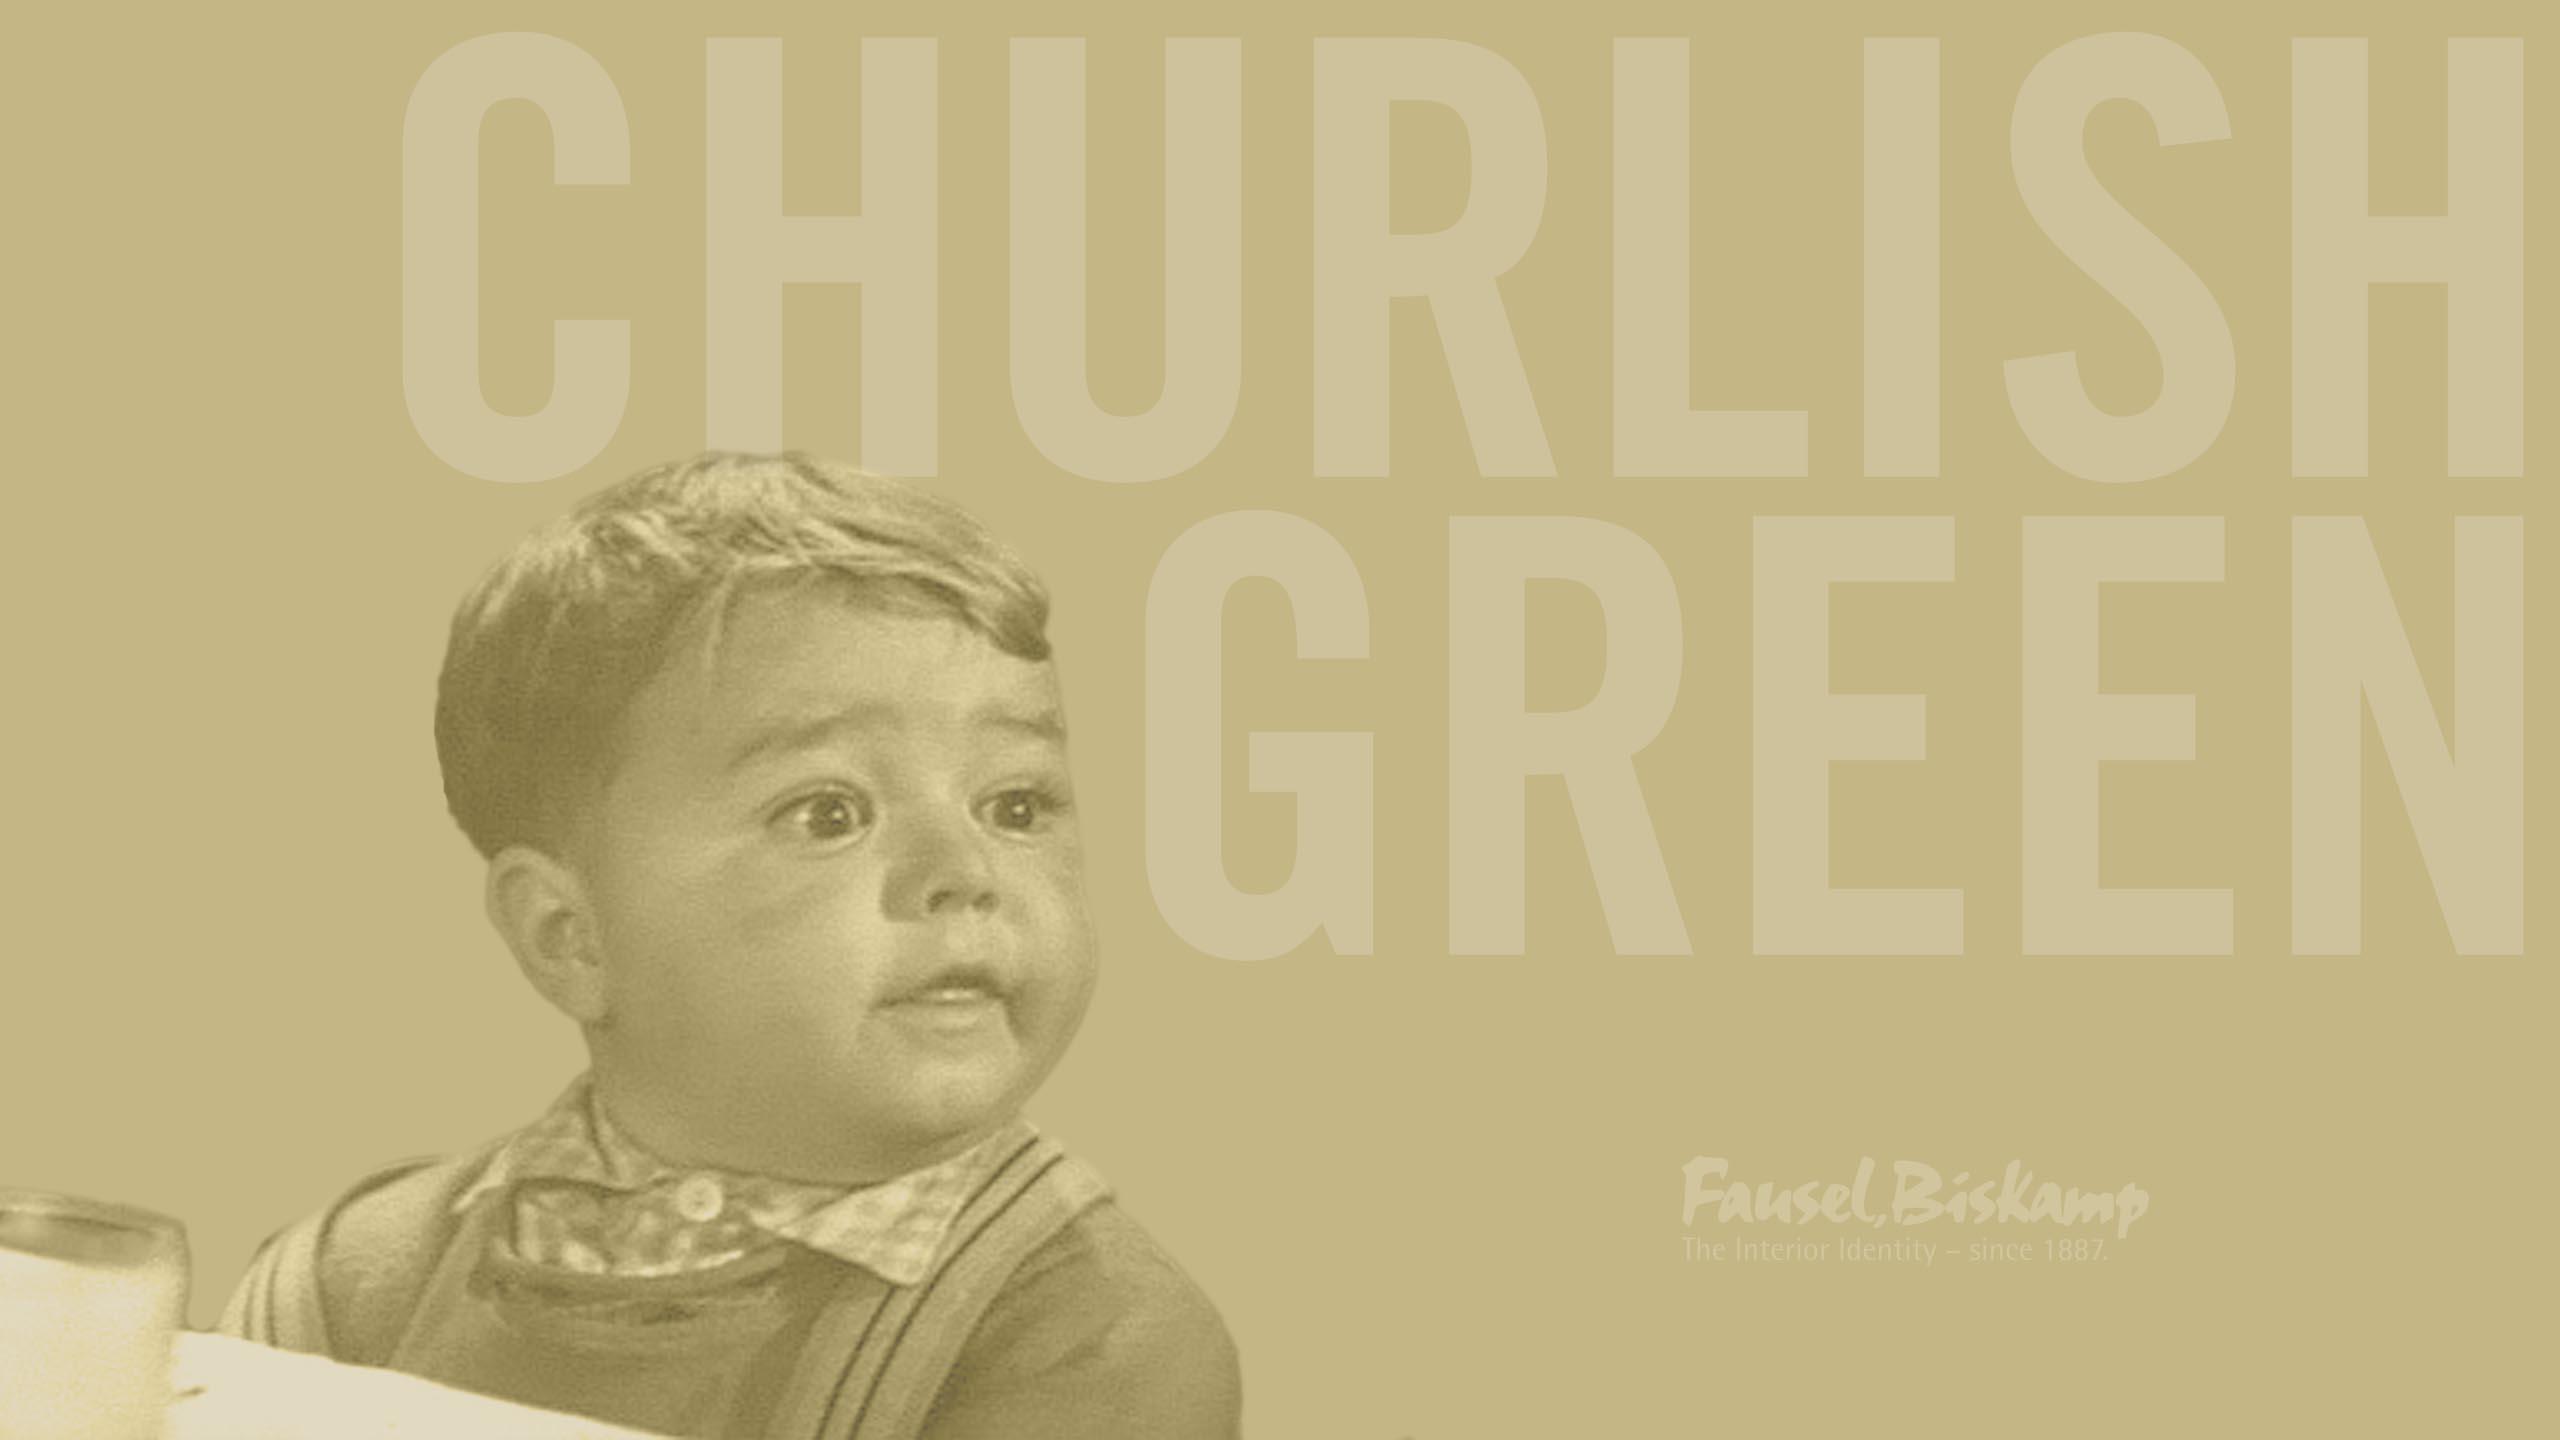 Curlish Green (No. 251)